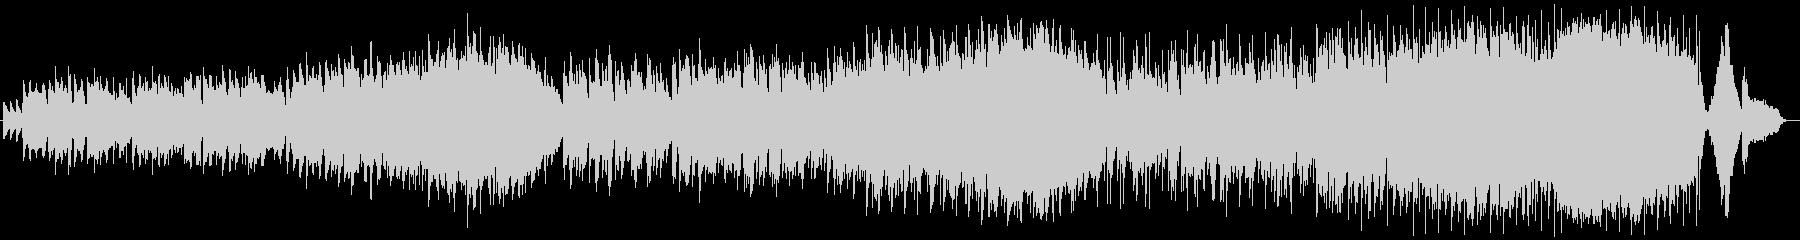 グランドフィナーレを飾る華麗なブライダルの未再生の波形